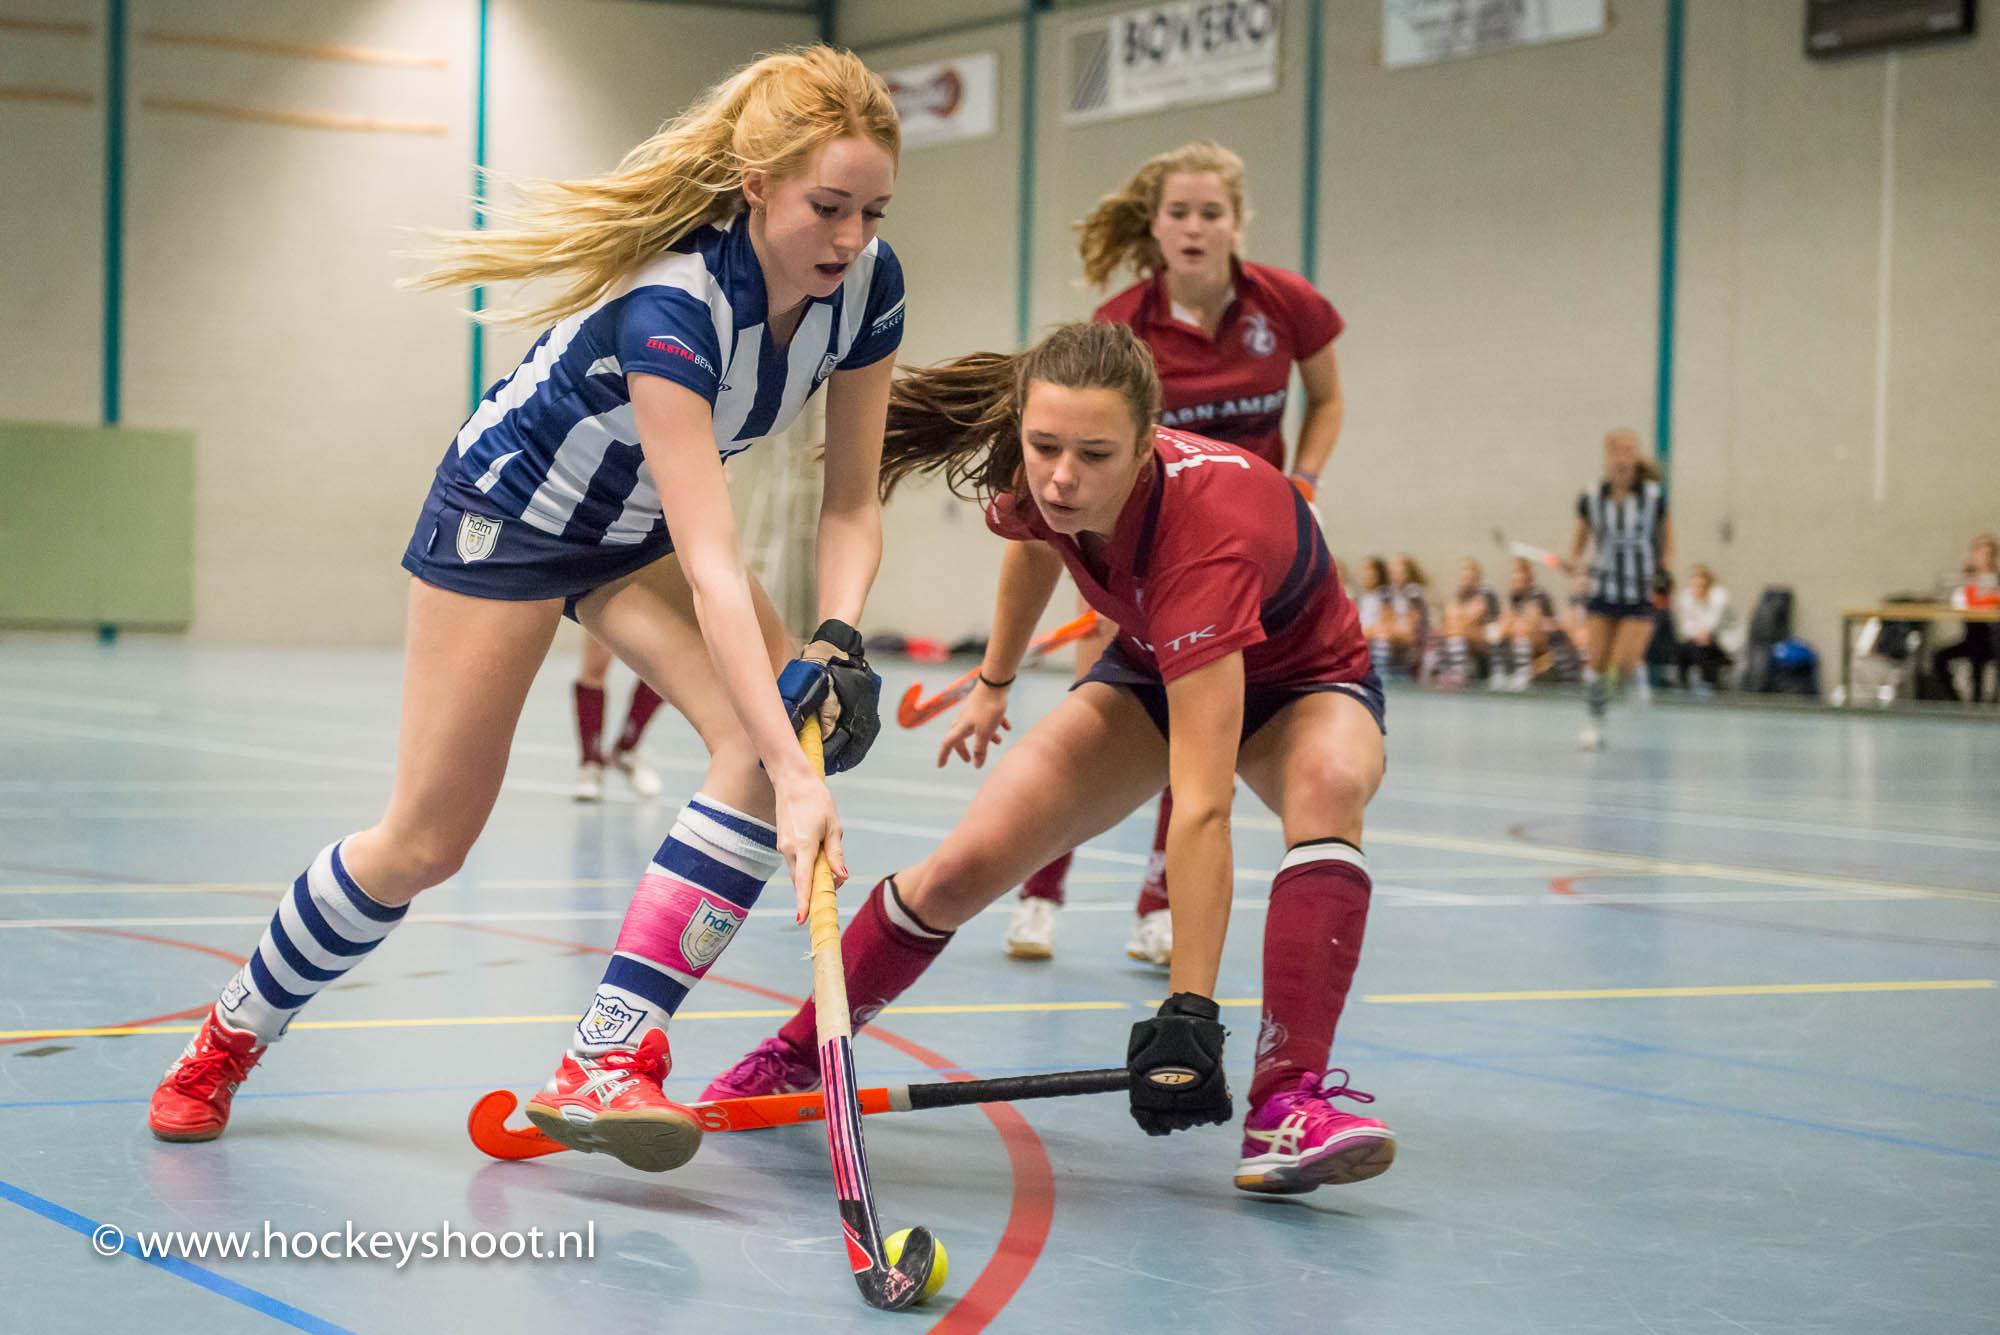 Zaalhockey 9 januari 2016, hdm MA1 - Klein Zwitserland MA1